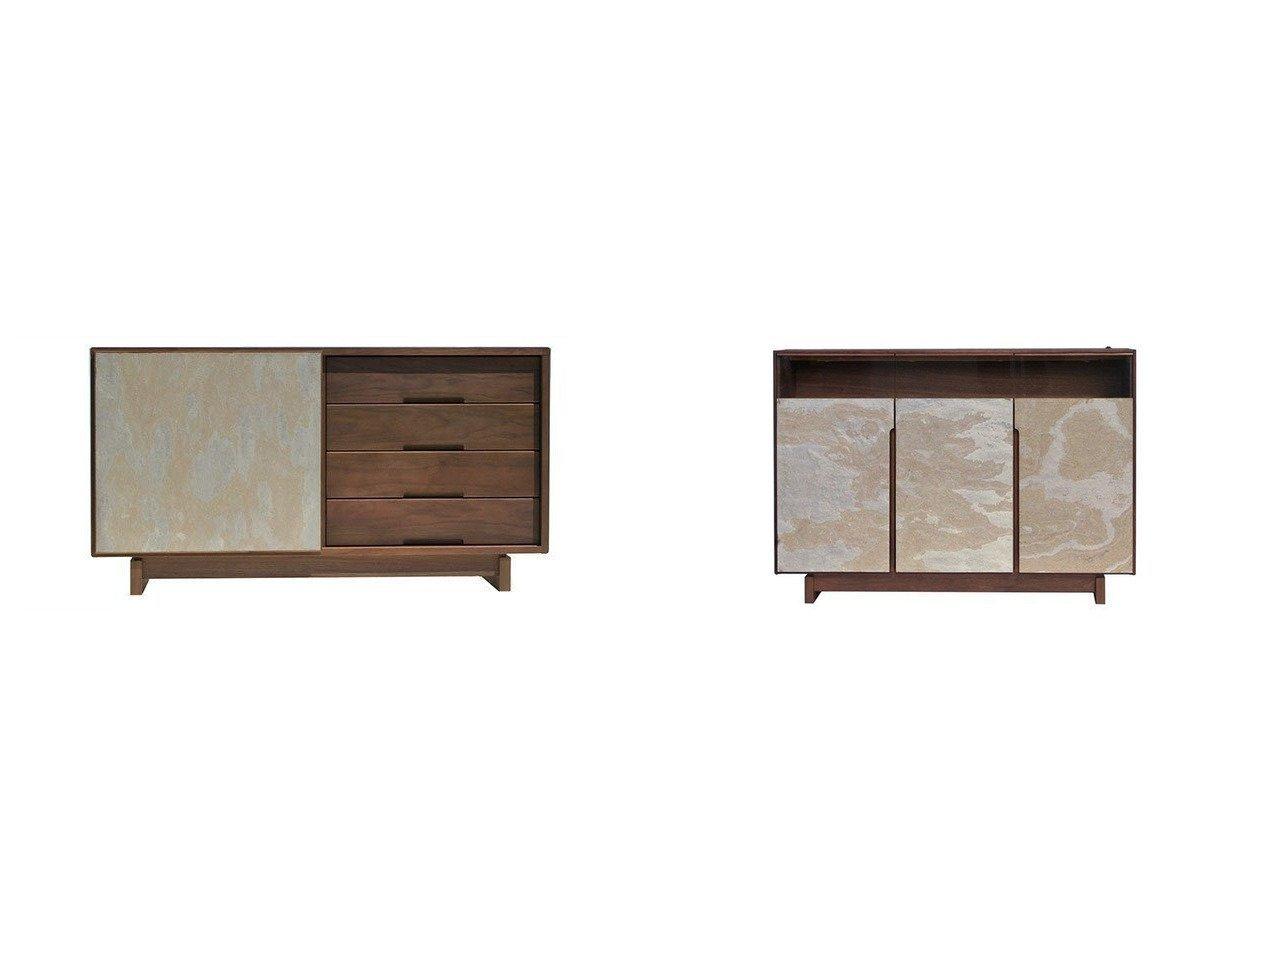 【FLYMEe vert/フライミー ヴェール】のキャビネット 幅120cm #104012&リビングボード #104008 【FURNITURE】おすすめ!人気、インテリア雑貨・家具の通販 おすすめで人気の流行・トレンド、ファッションの通販商品 インテリア・家具・メンズファッション・キッズファッション・レディースファッション・服の通販 founy(ファニー) https://founy.com/ シンプル ホーム・キャンプ・アウトドア Home,Garden,Outdoor,Camping Gear 家具・インテリア Furniture 収納家具・キャビネット Storage Furniture サイドボード ホーム・キャンプ・アウトドア Home,Garden,Outdoor,Camping Gear 家具・インテリア Furniture 収納家具・キャビネット Storage Furniture キャビネット  ID:crp329100000063902